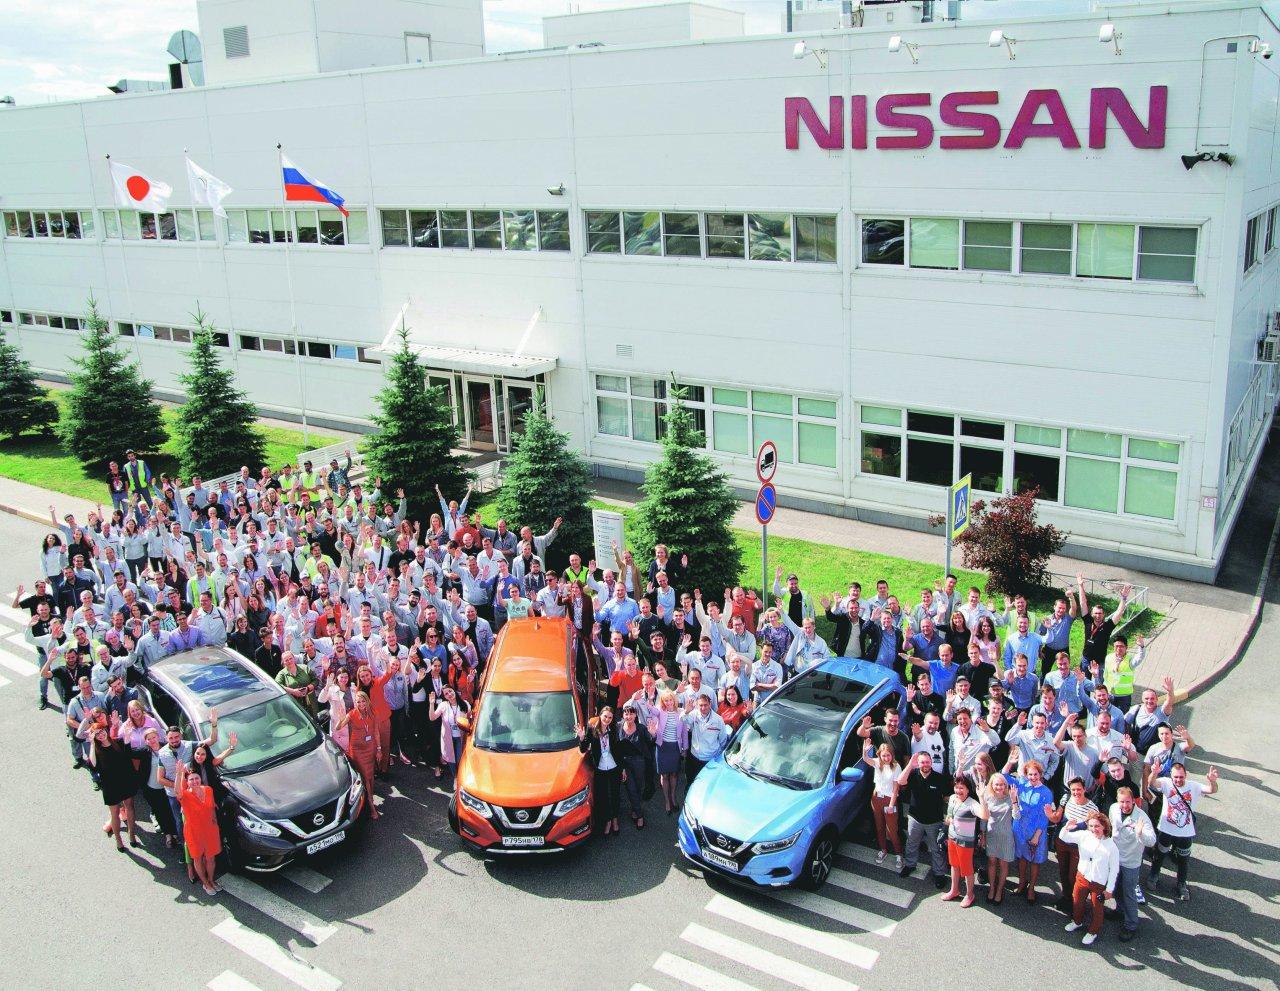 Началось. На заводе Nissan в Питере будут массовые сокращения